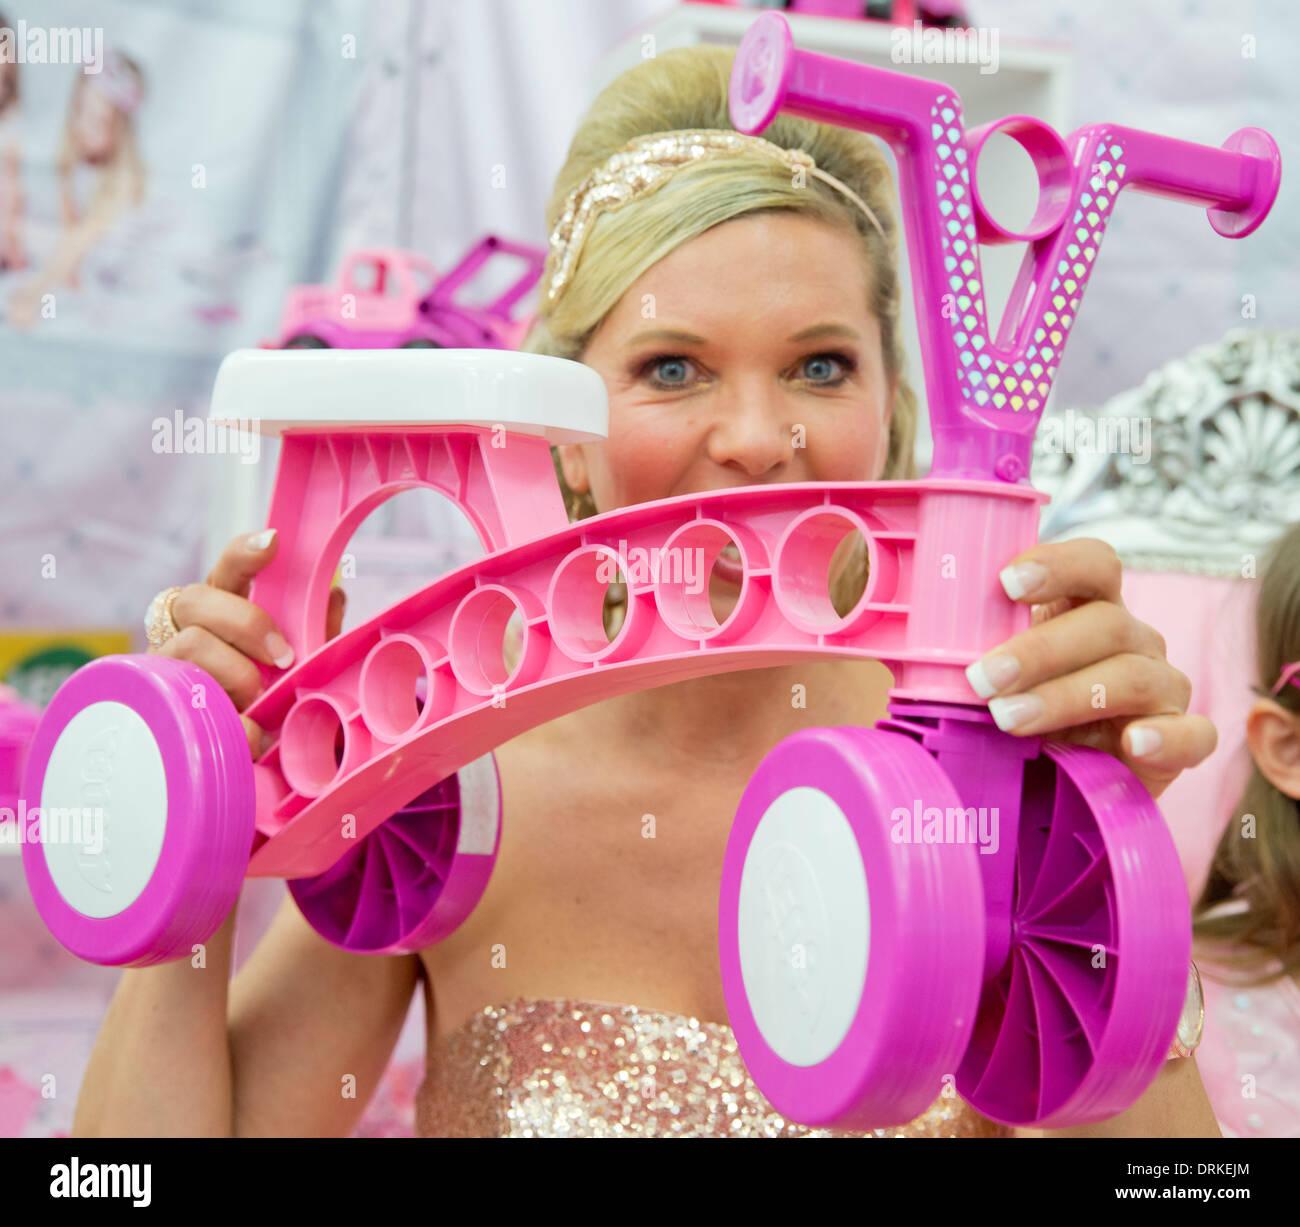 Nuremberg, Alemania. 28 ene, 2014. Maja Synke Princesa de Hohenzollern presenta su nueva colección de juguetes con Foto de stock